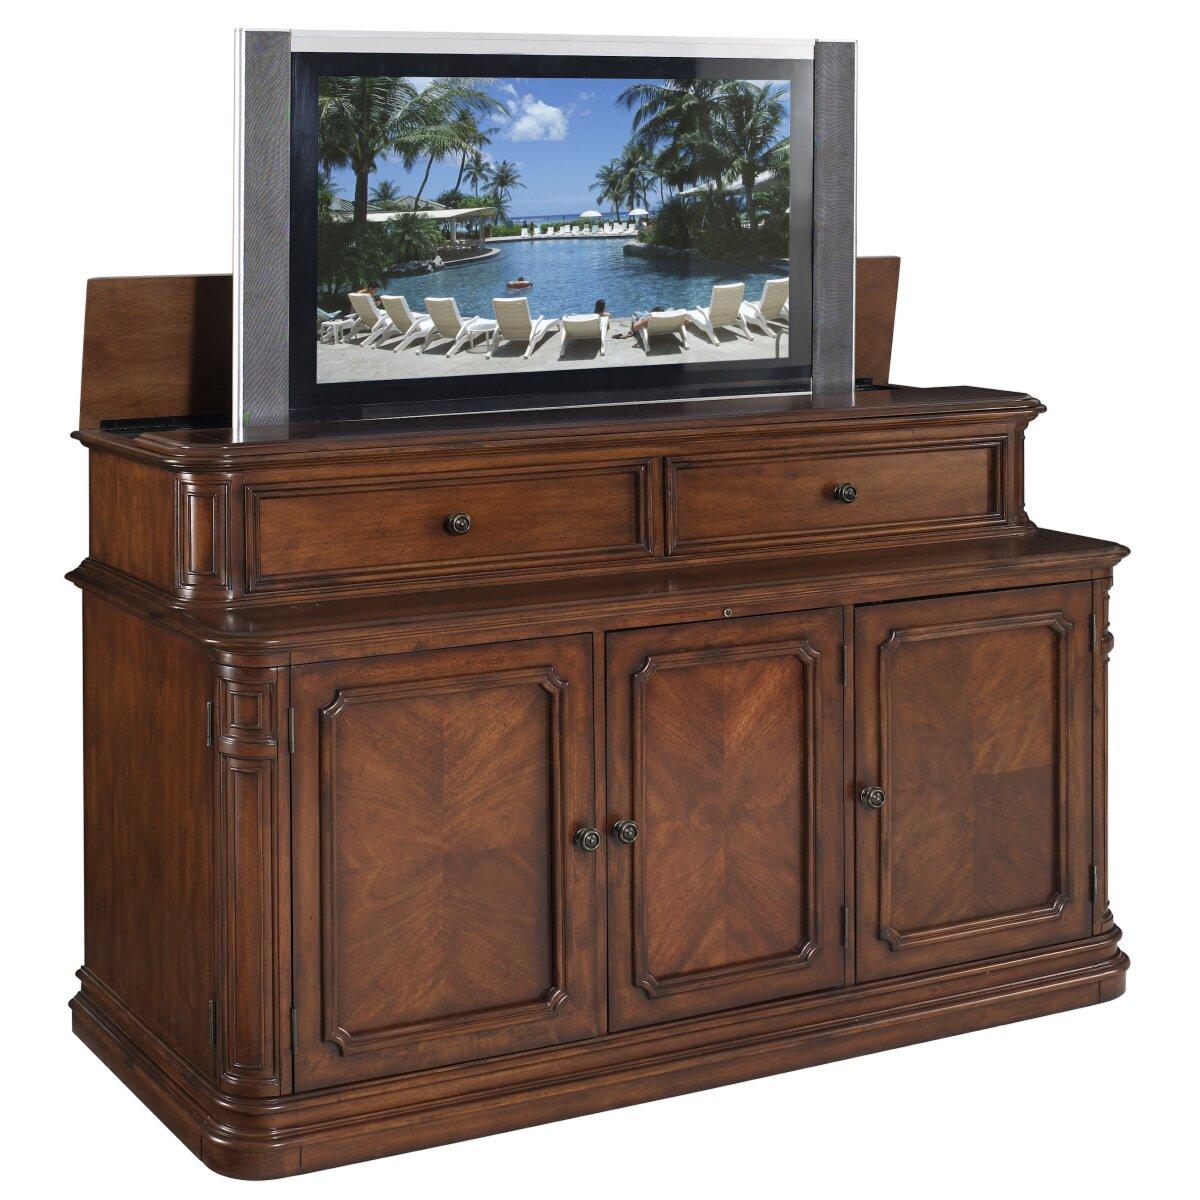 Tvliftcabinet Inc Banyan Creek Xl Tv Stand Wayfair